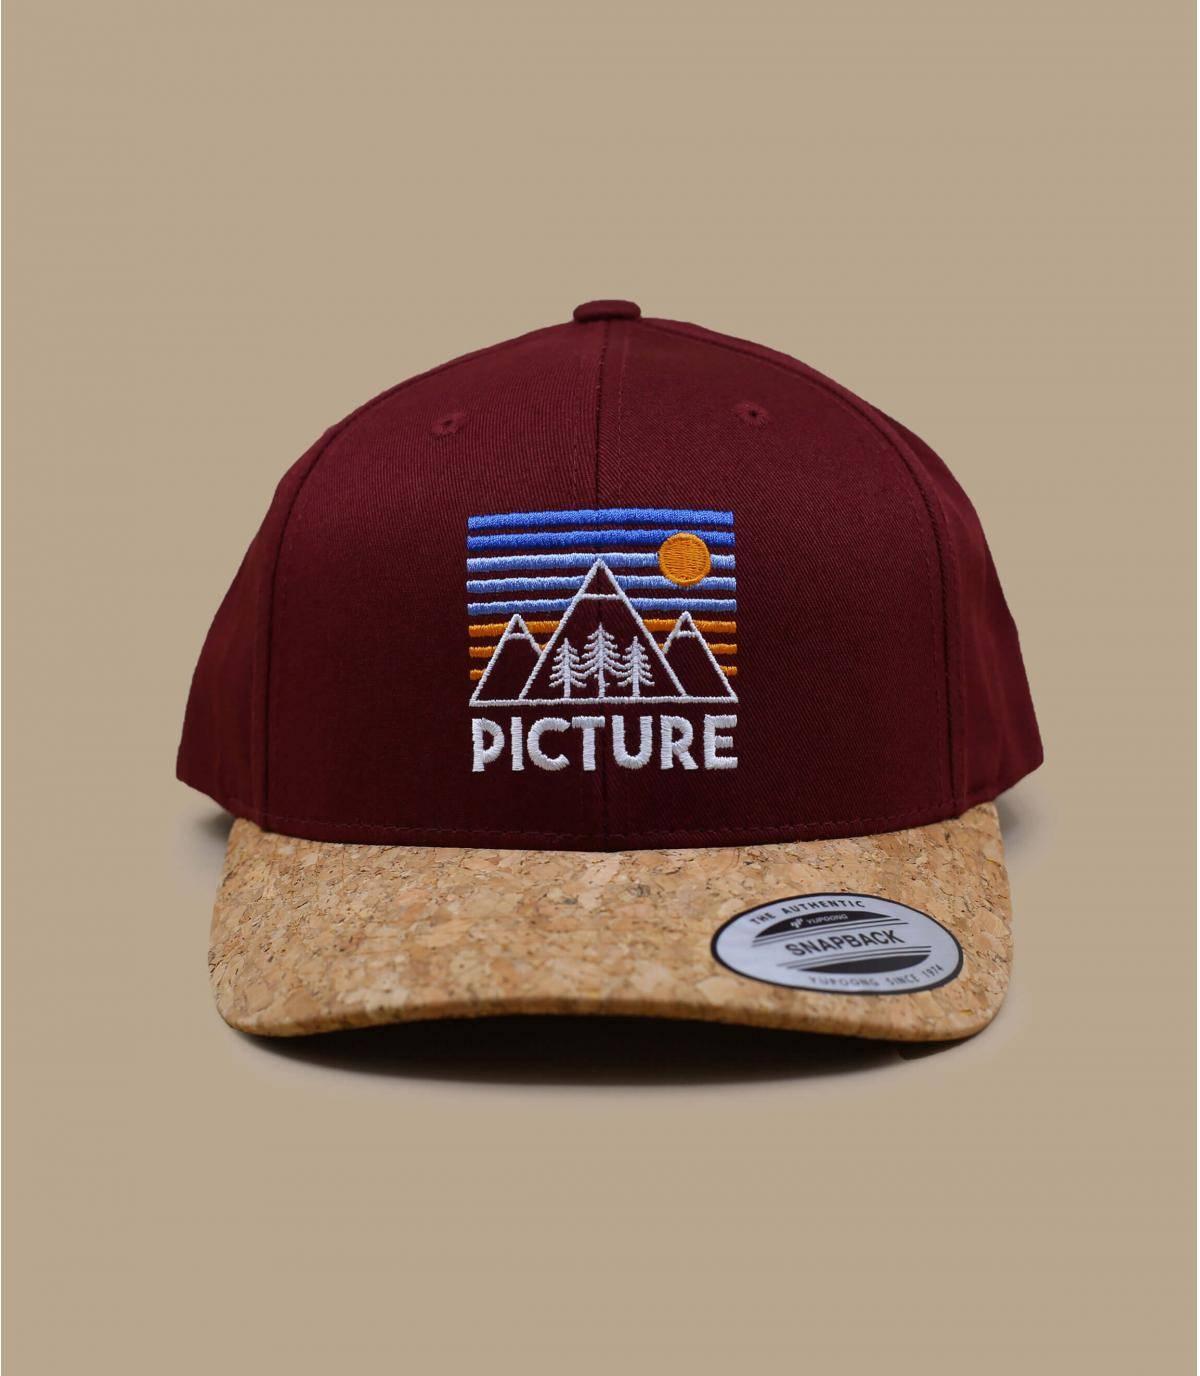 cappellino Picture rosso